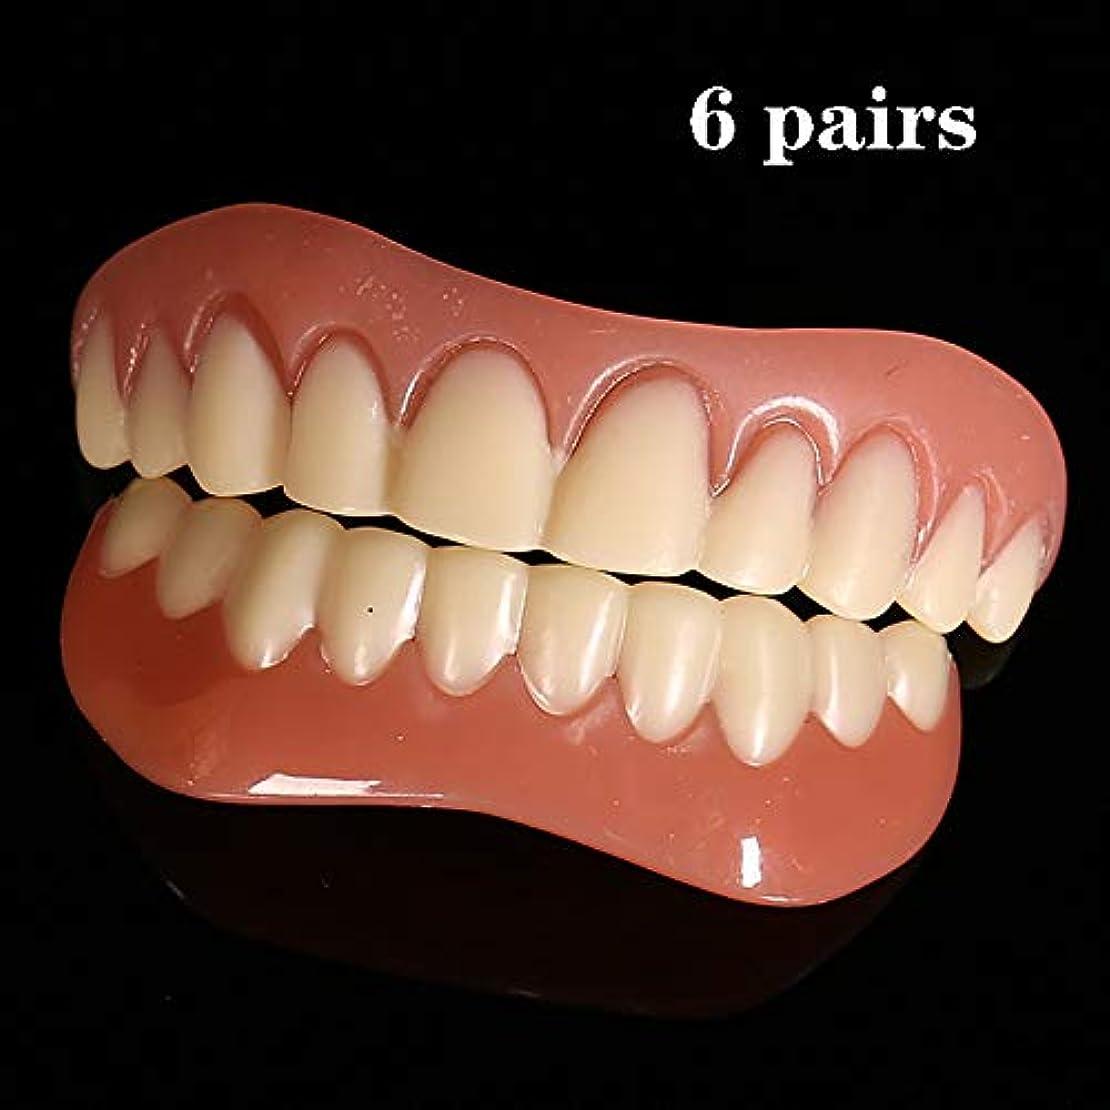 植木不調和ノベルティ歯のベニヤ化粧品の歯スナップオンセキュア6ペア上下の快適さフィット歯のベニヤセキュアインスタントスマイル化粧品ワンサイズ全ての義歯ケアツールにフィット